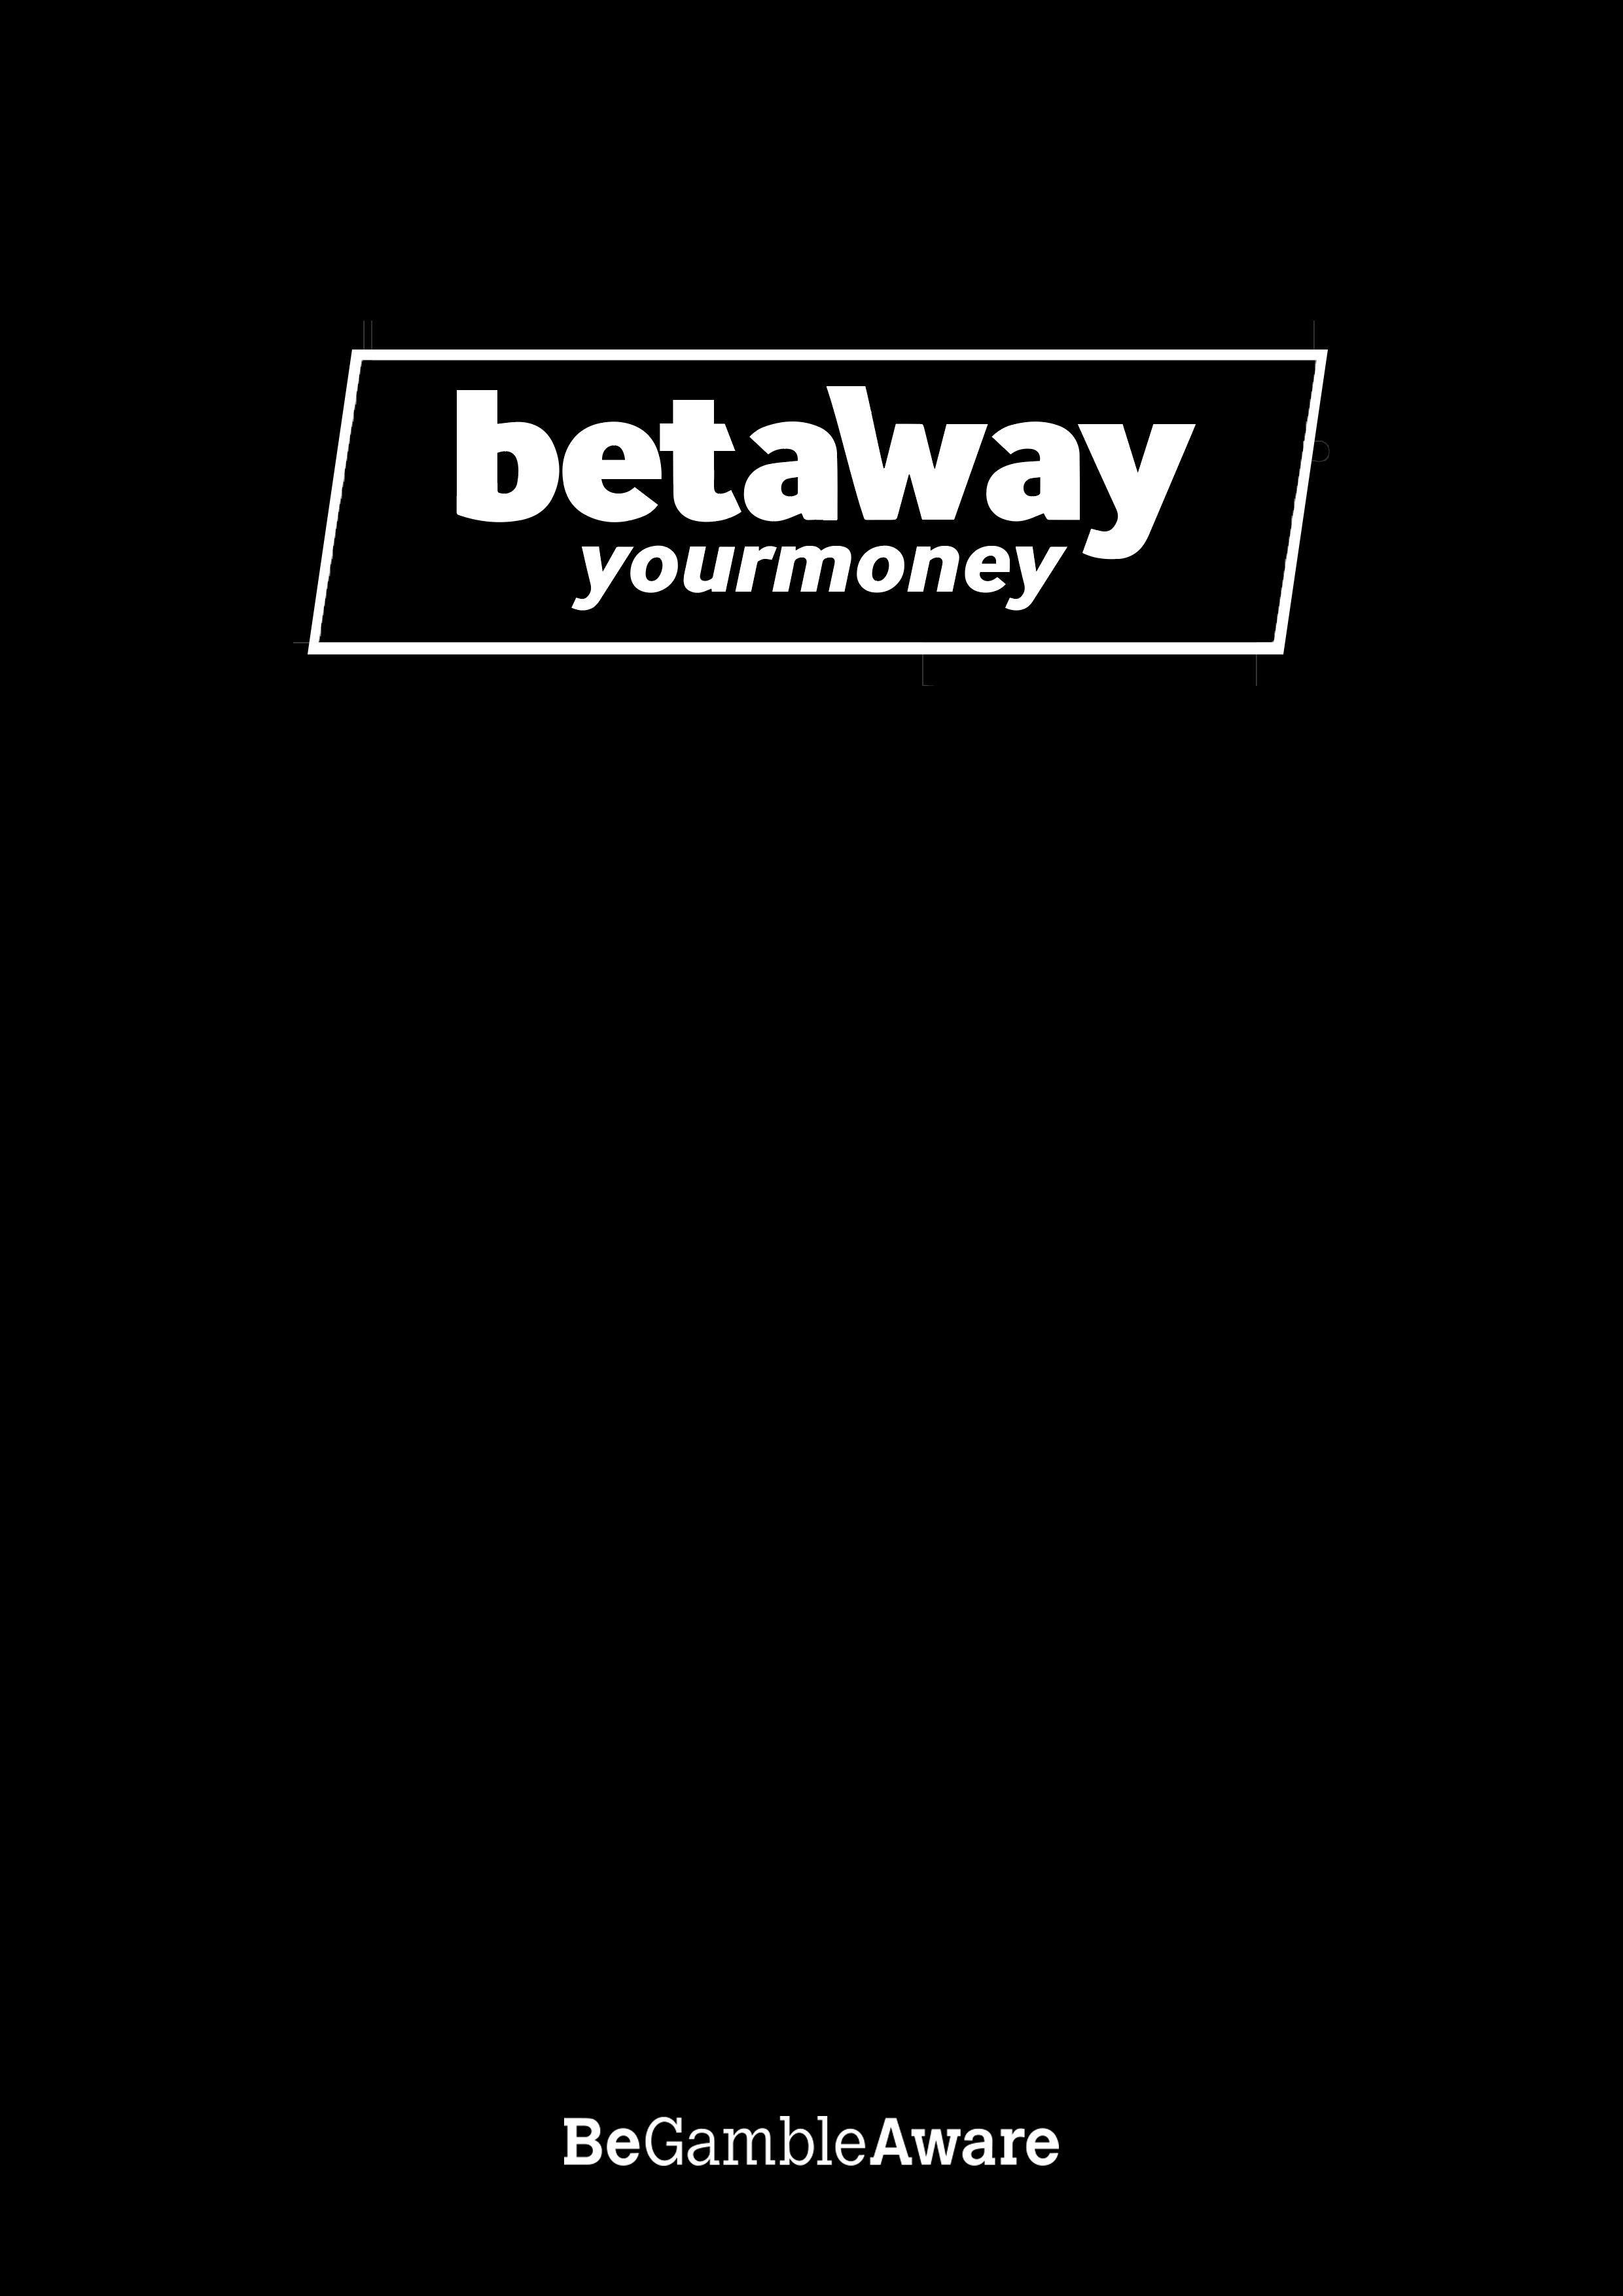 Betaway.jpg